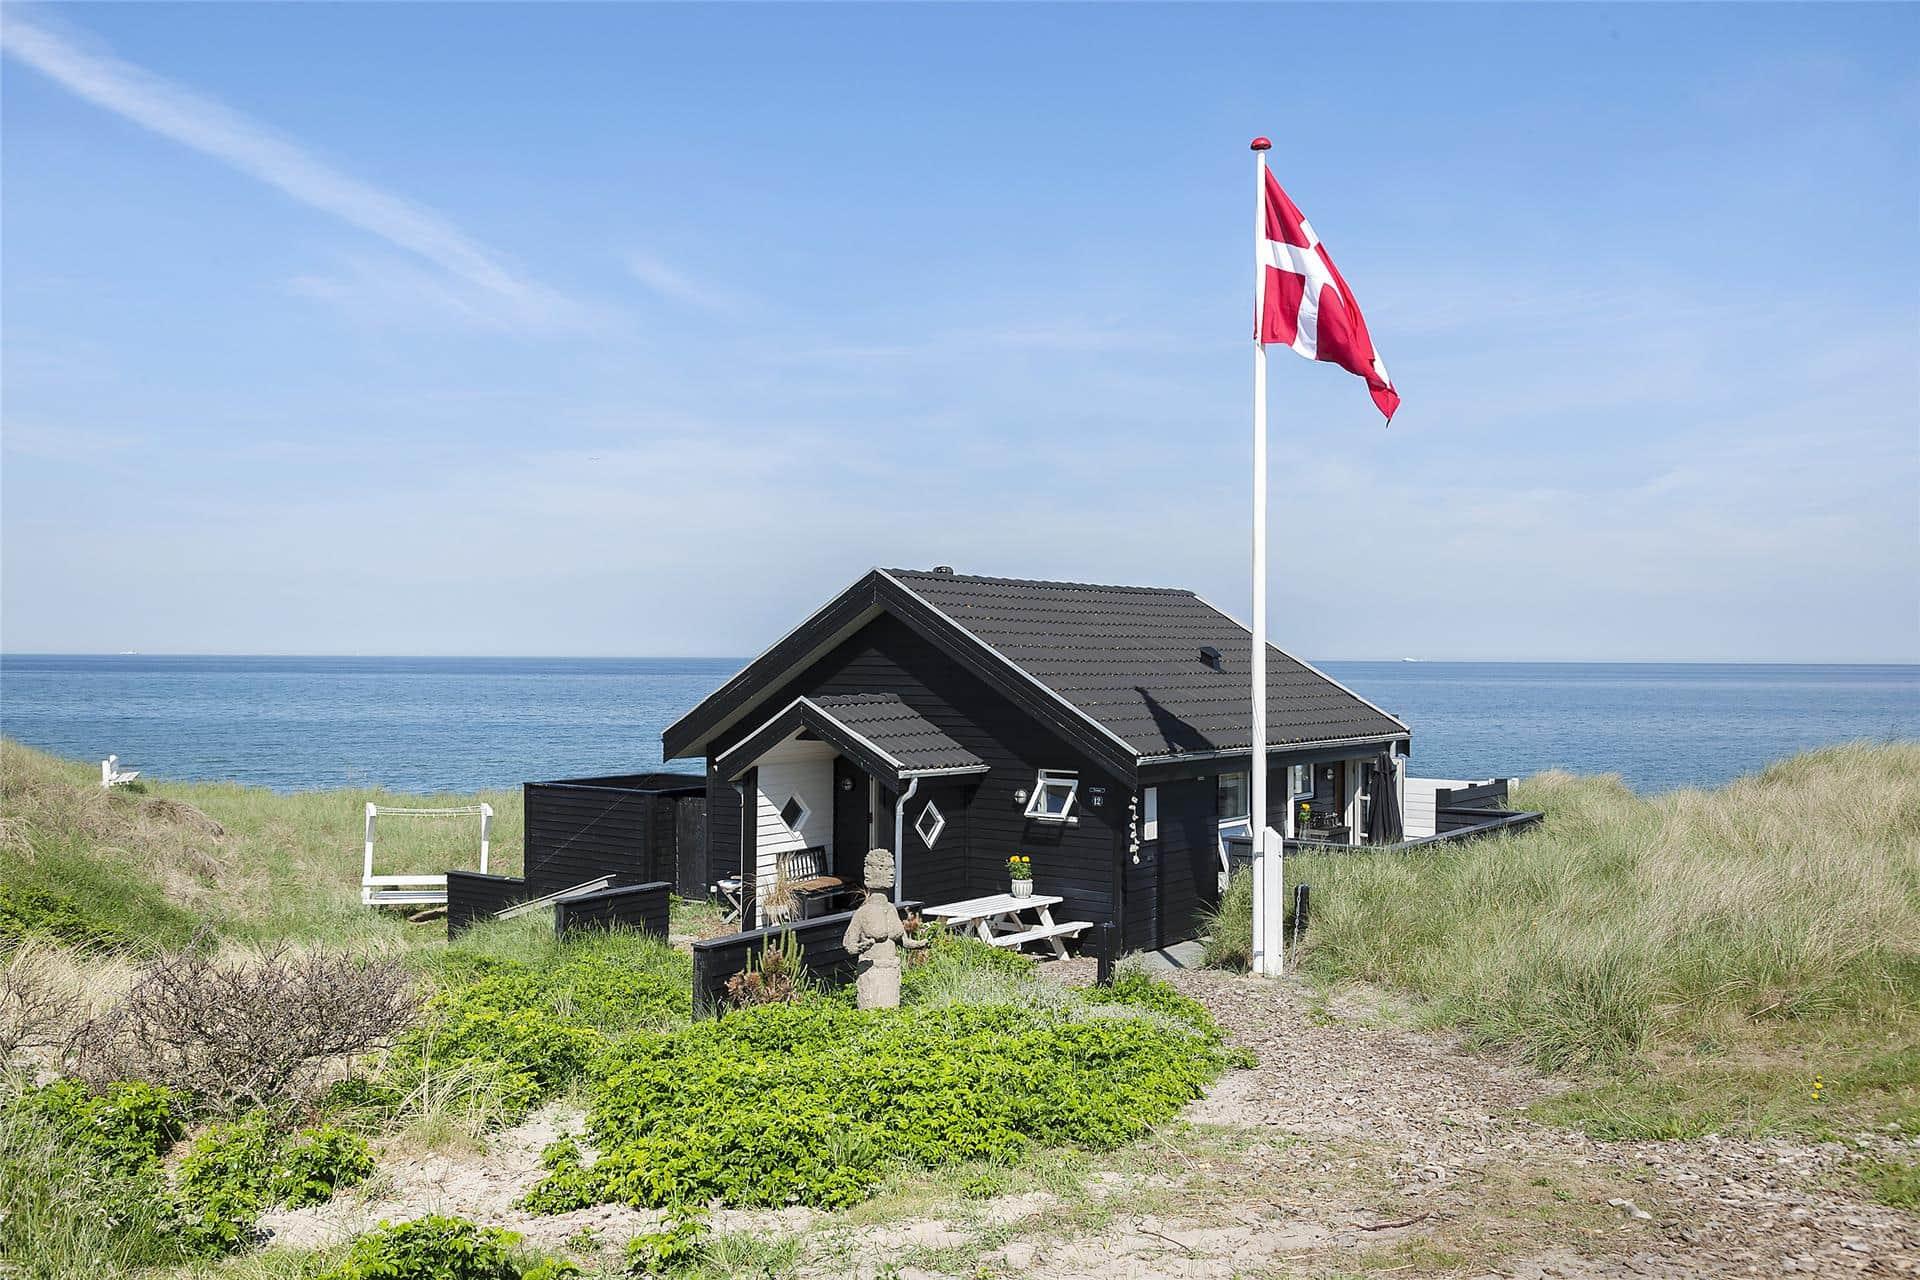 Image 1-14 Holiday-home 75813, Kystrenden 12, DK - 9800 Hjørring